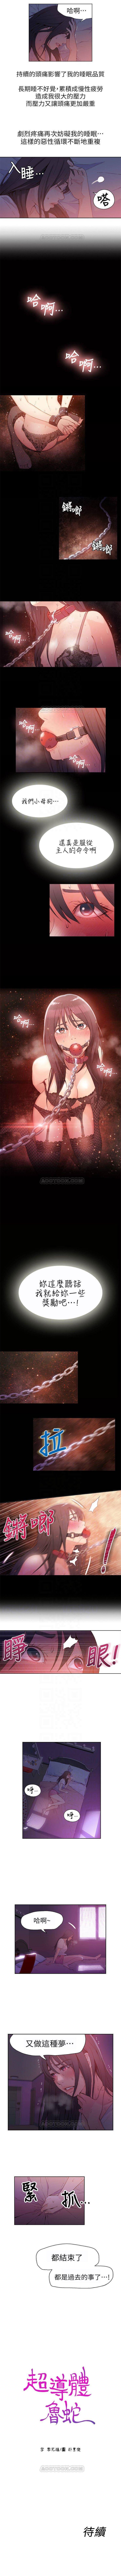 (週7)超導體魯蛇(超級吸引力) 1-22 中文翻譯(更新中) 65